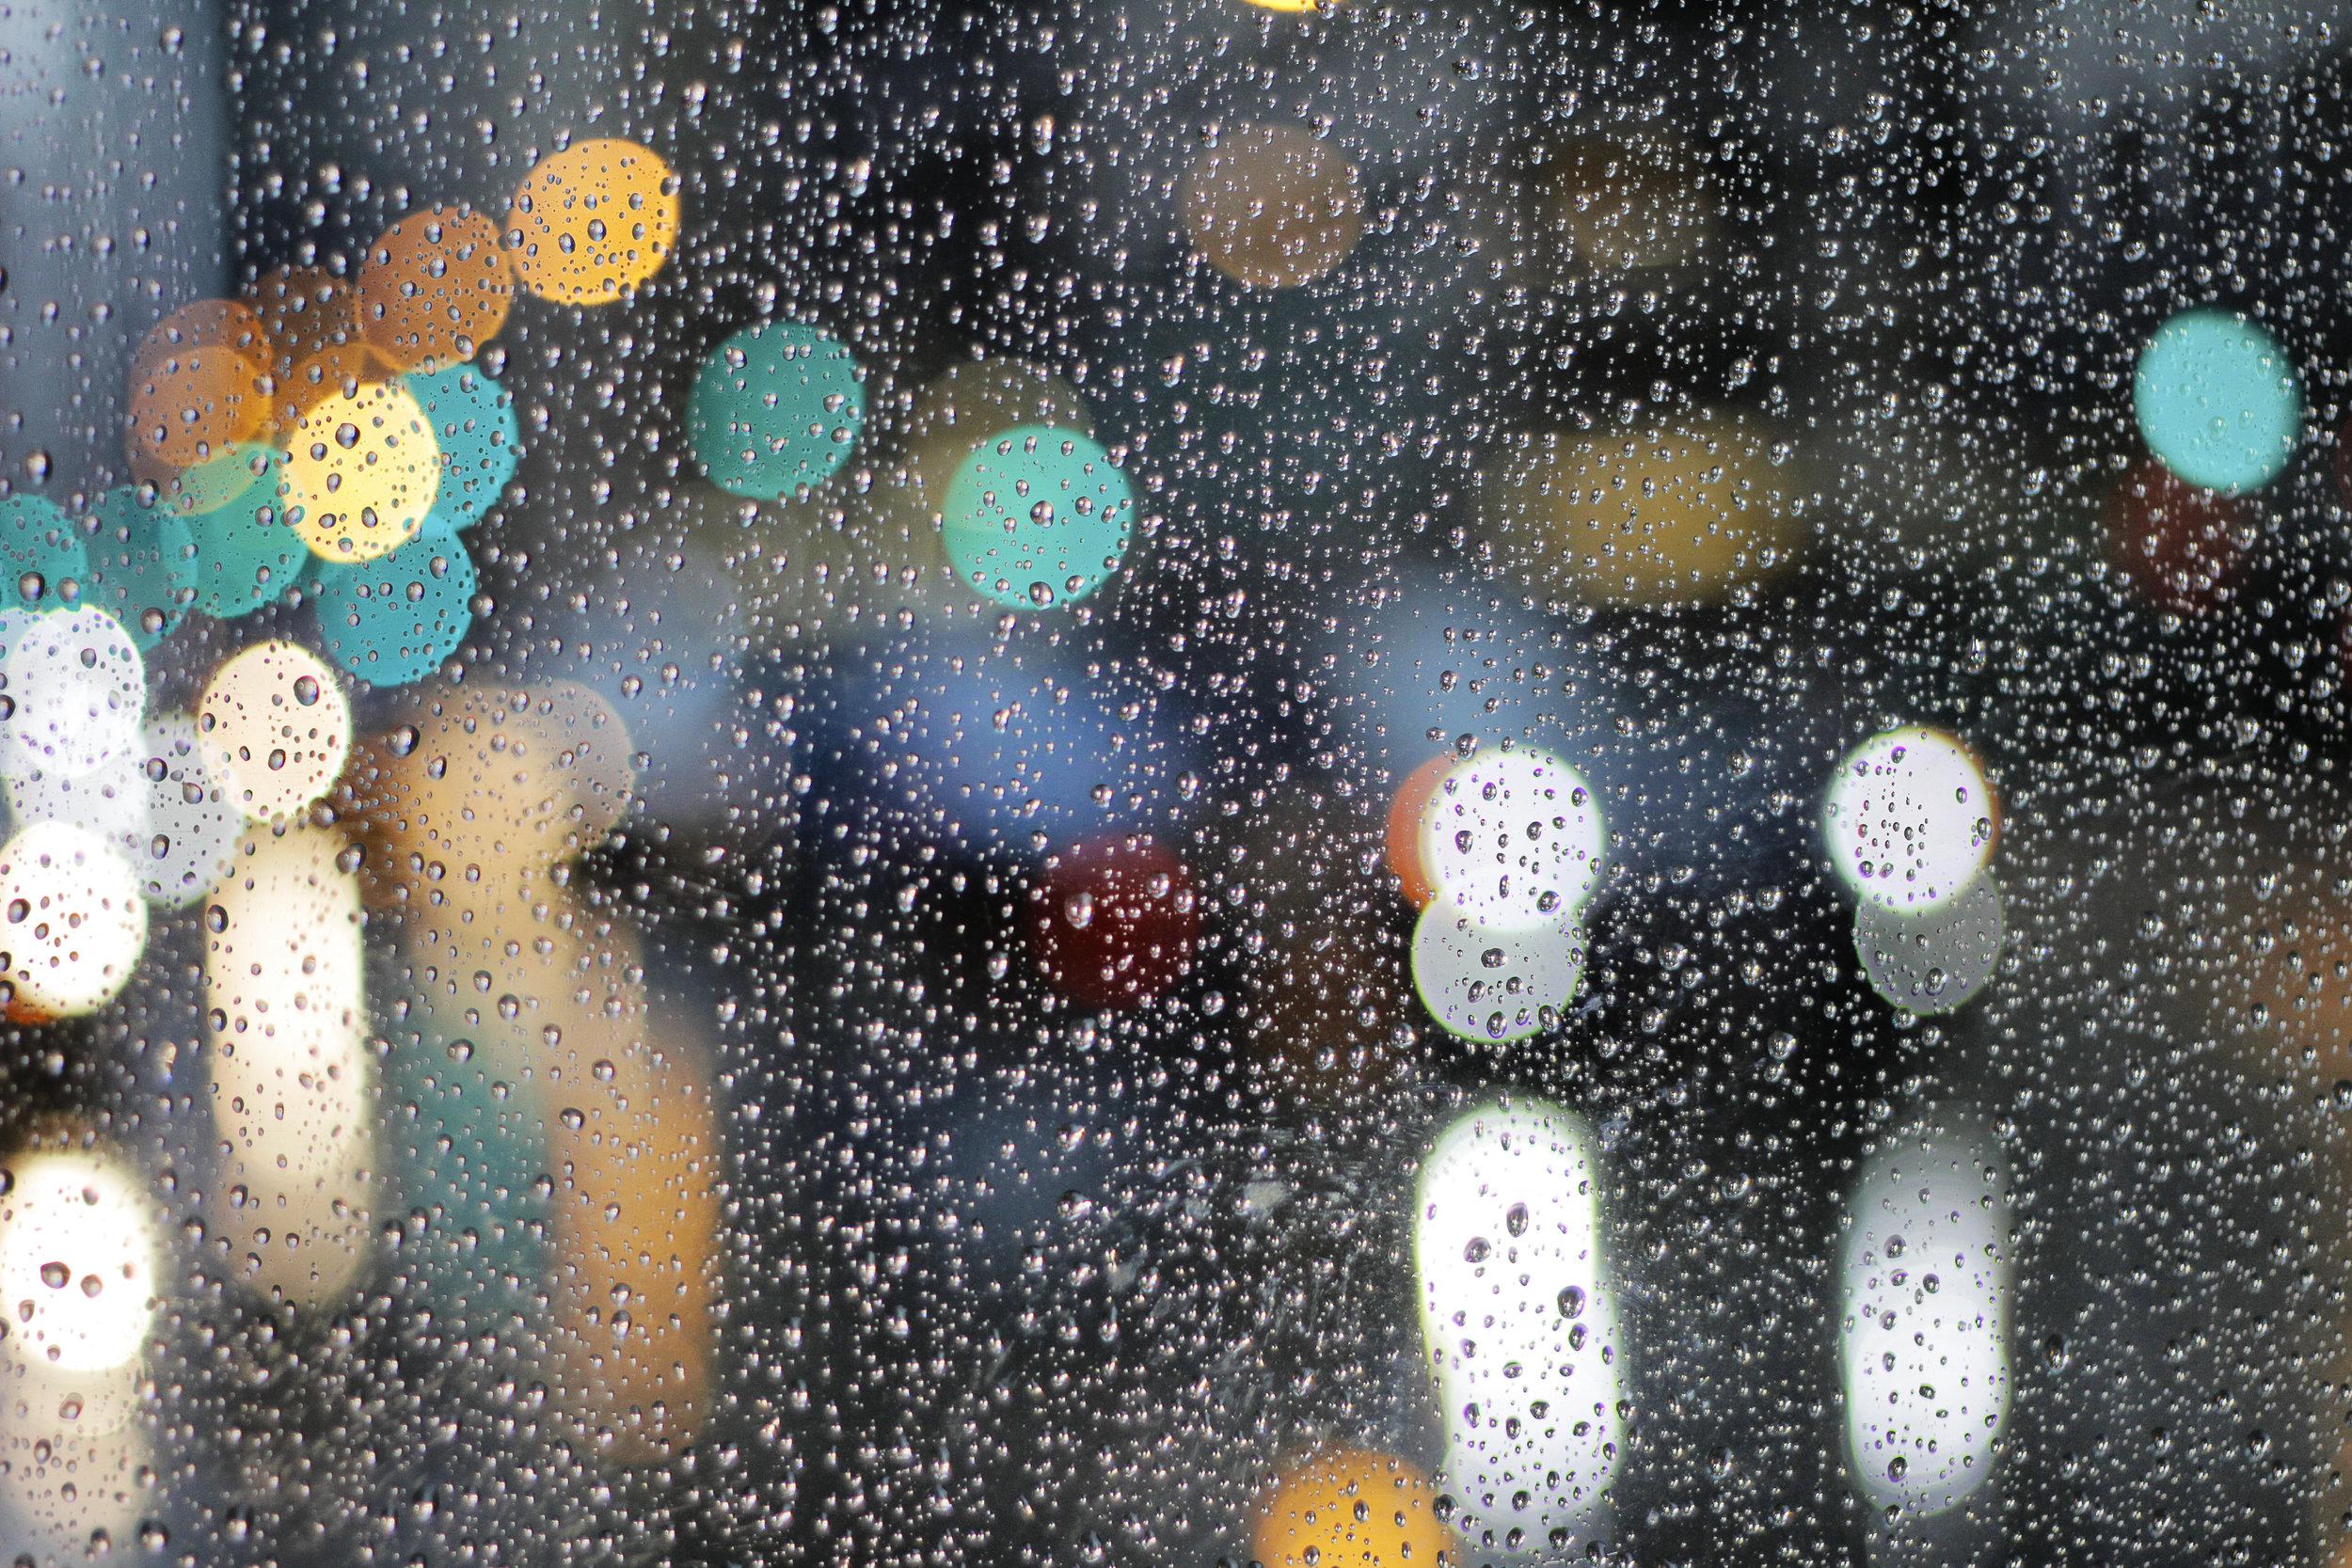 Rain Drops on my Mind